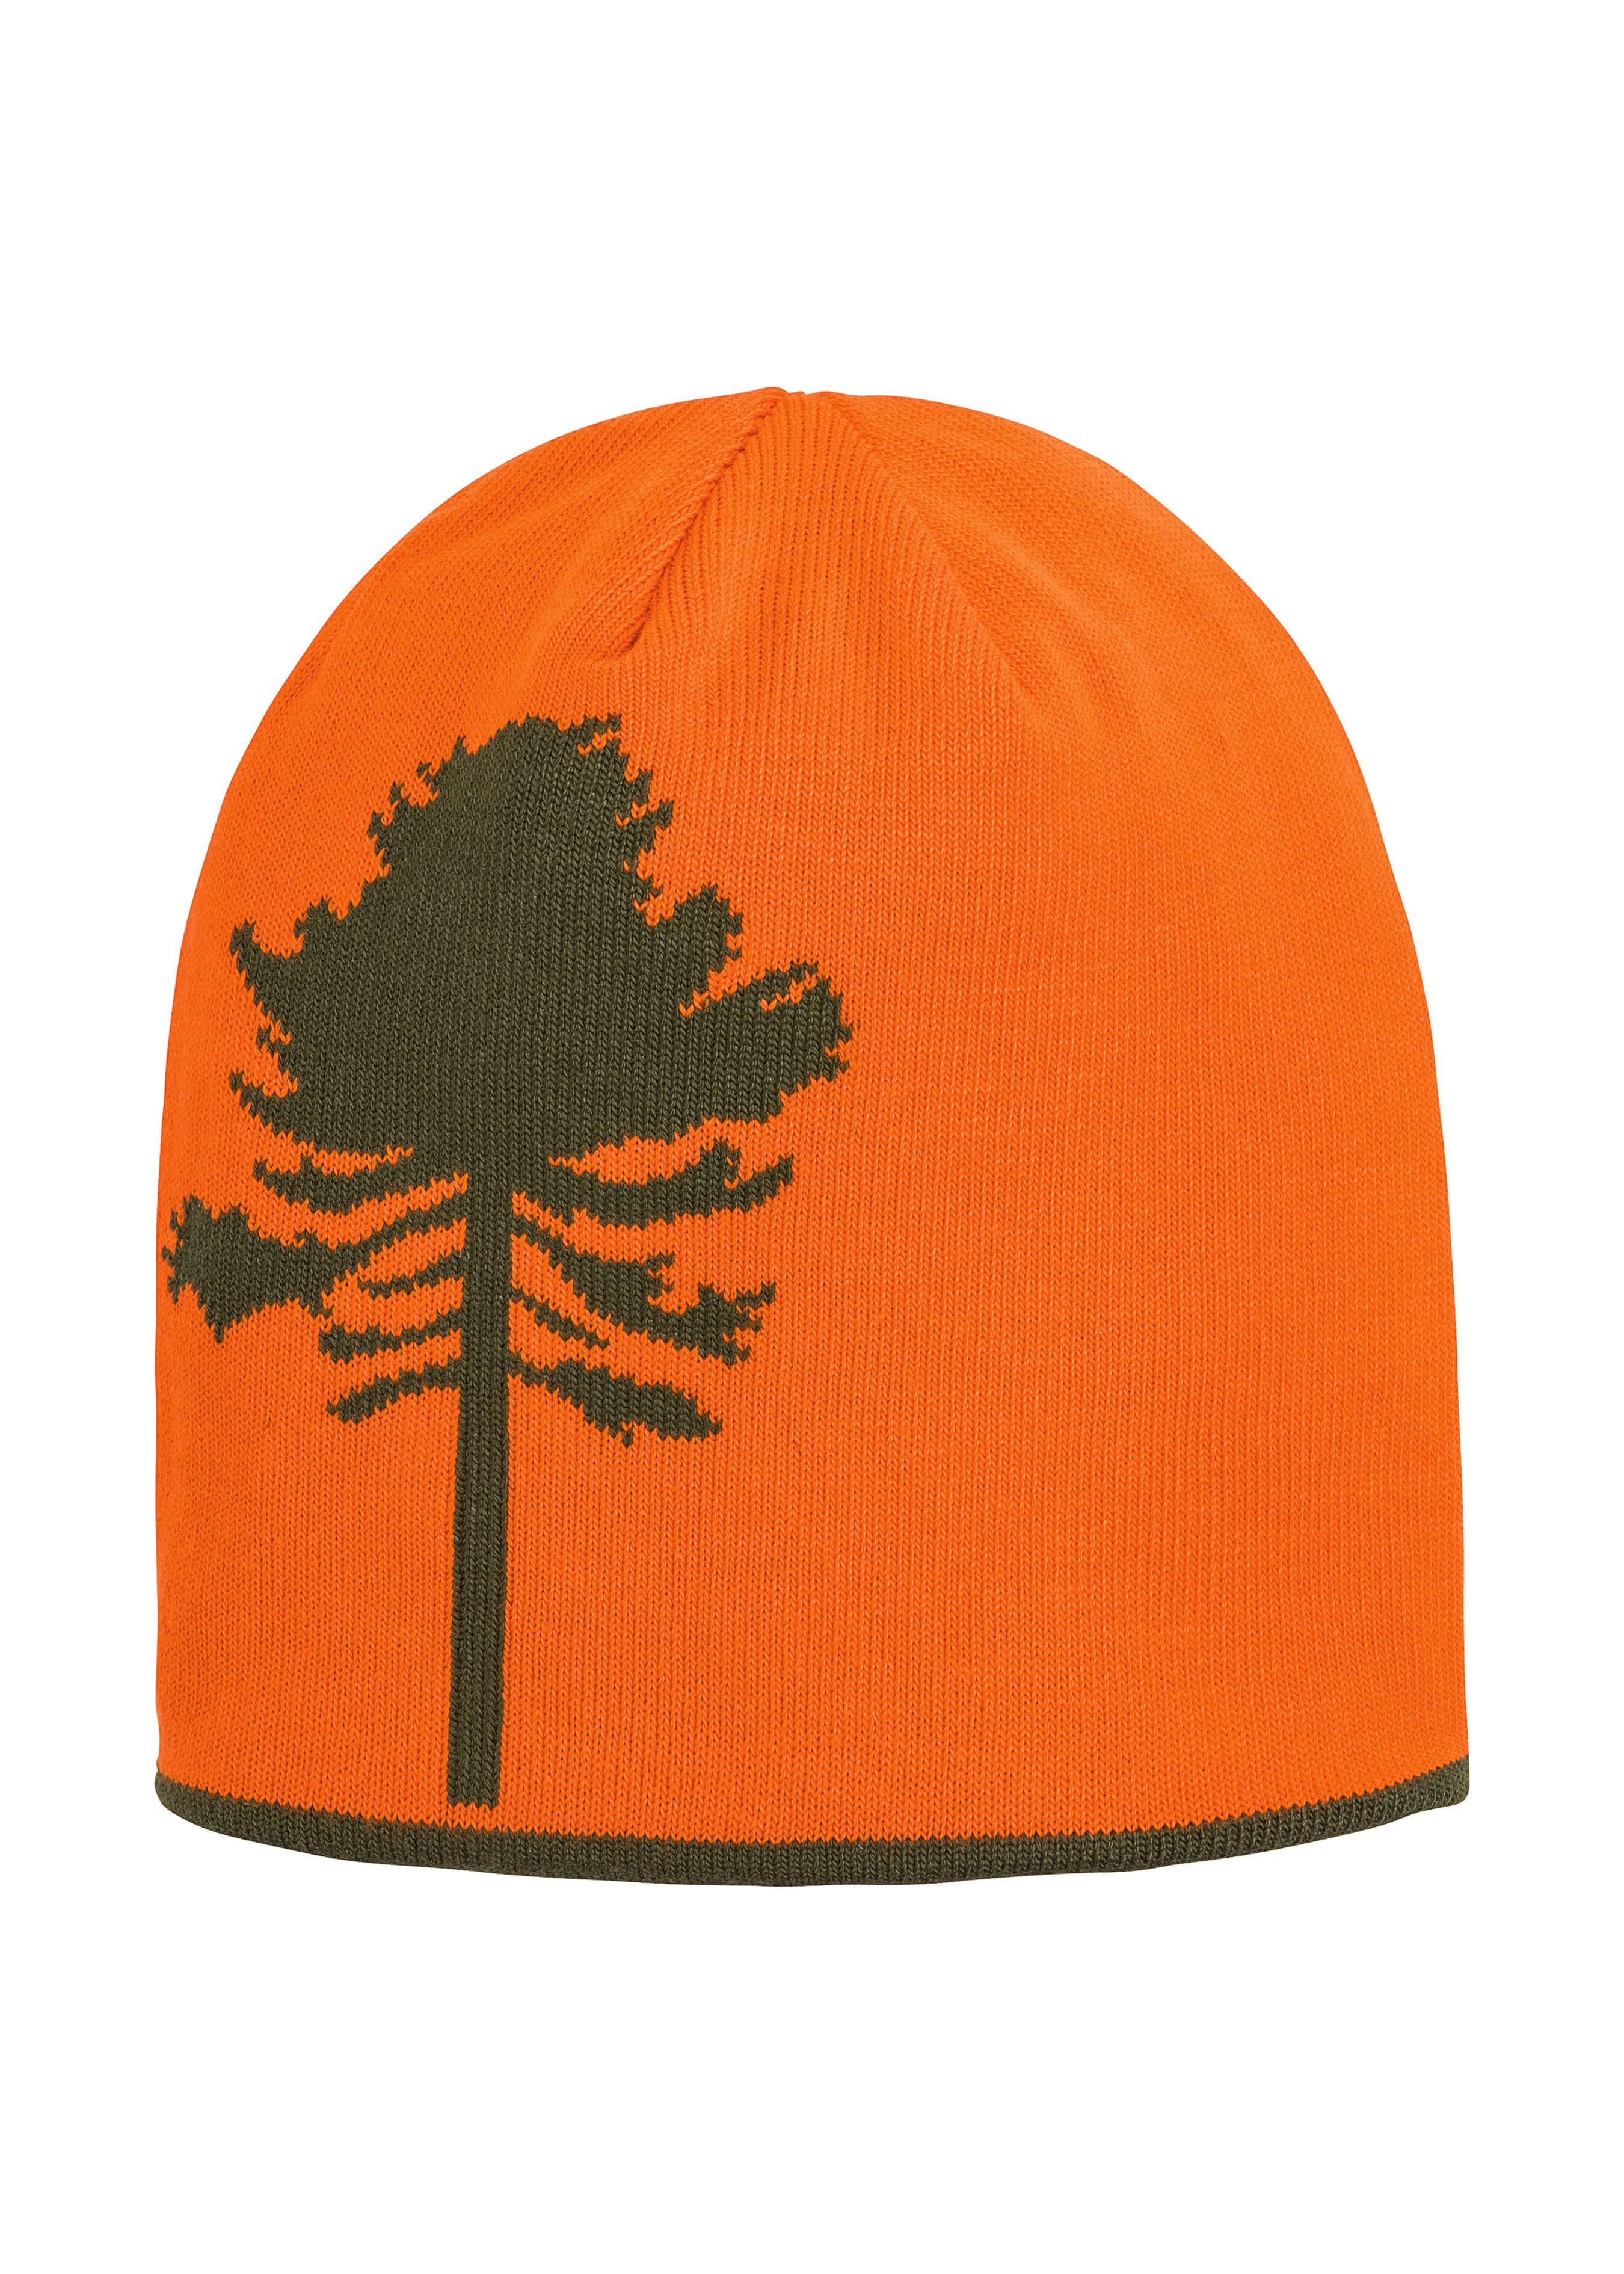 Bonnet tricoté réversible 258901 1